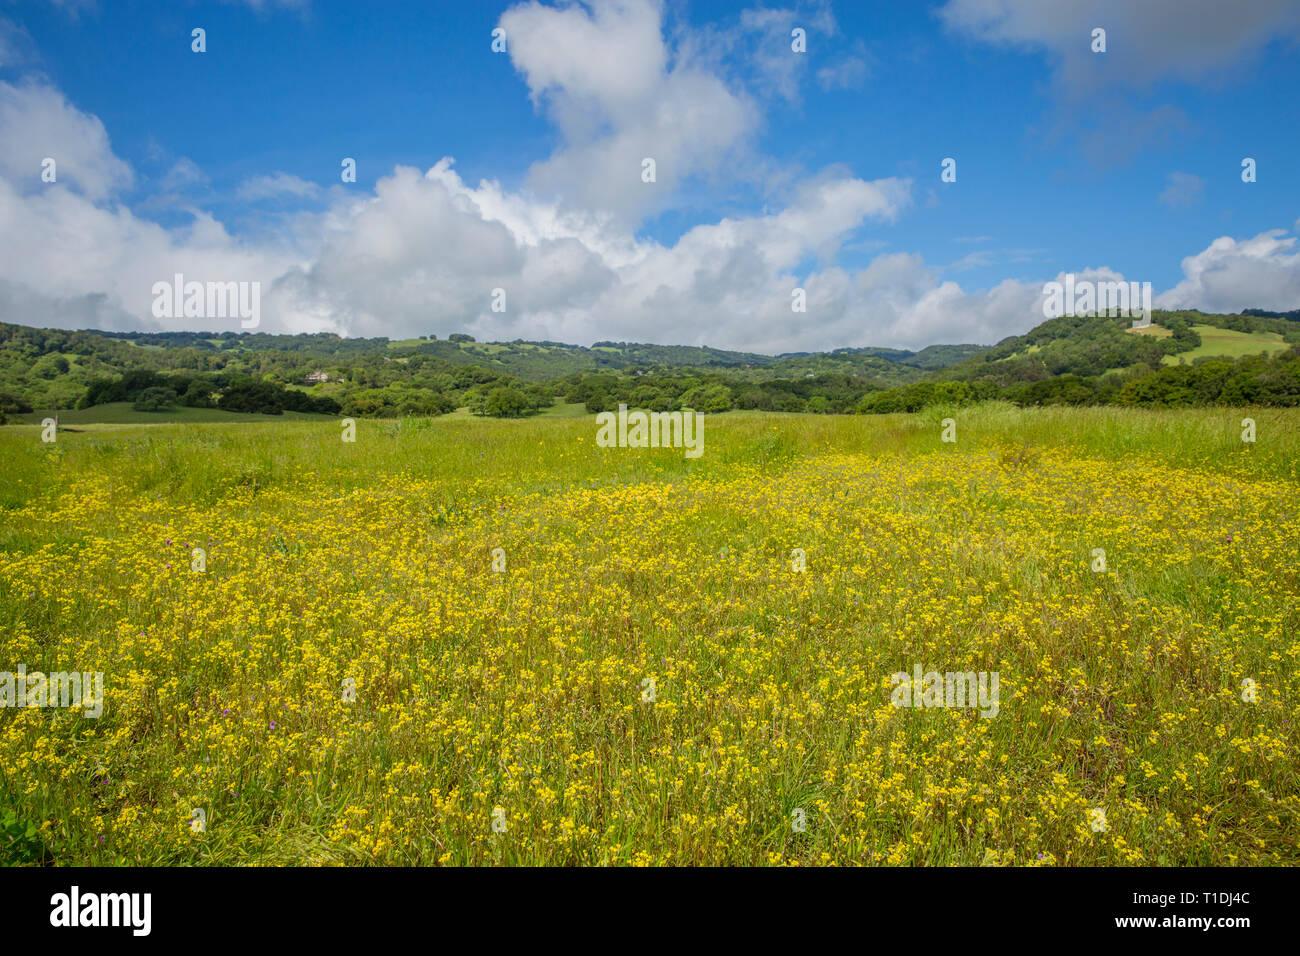 Yellow spring wildflowers in meadow during superbloom at Van Hoosear Wildflower Preserve, Sonoma, CA - Stock Image